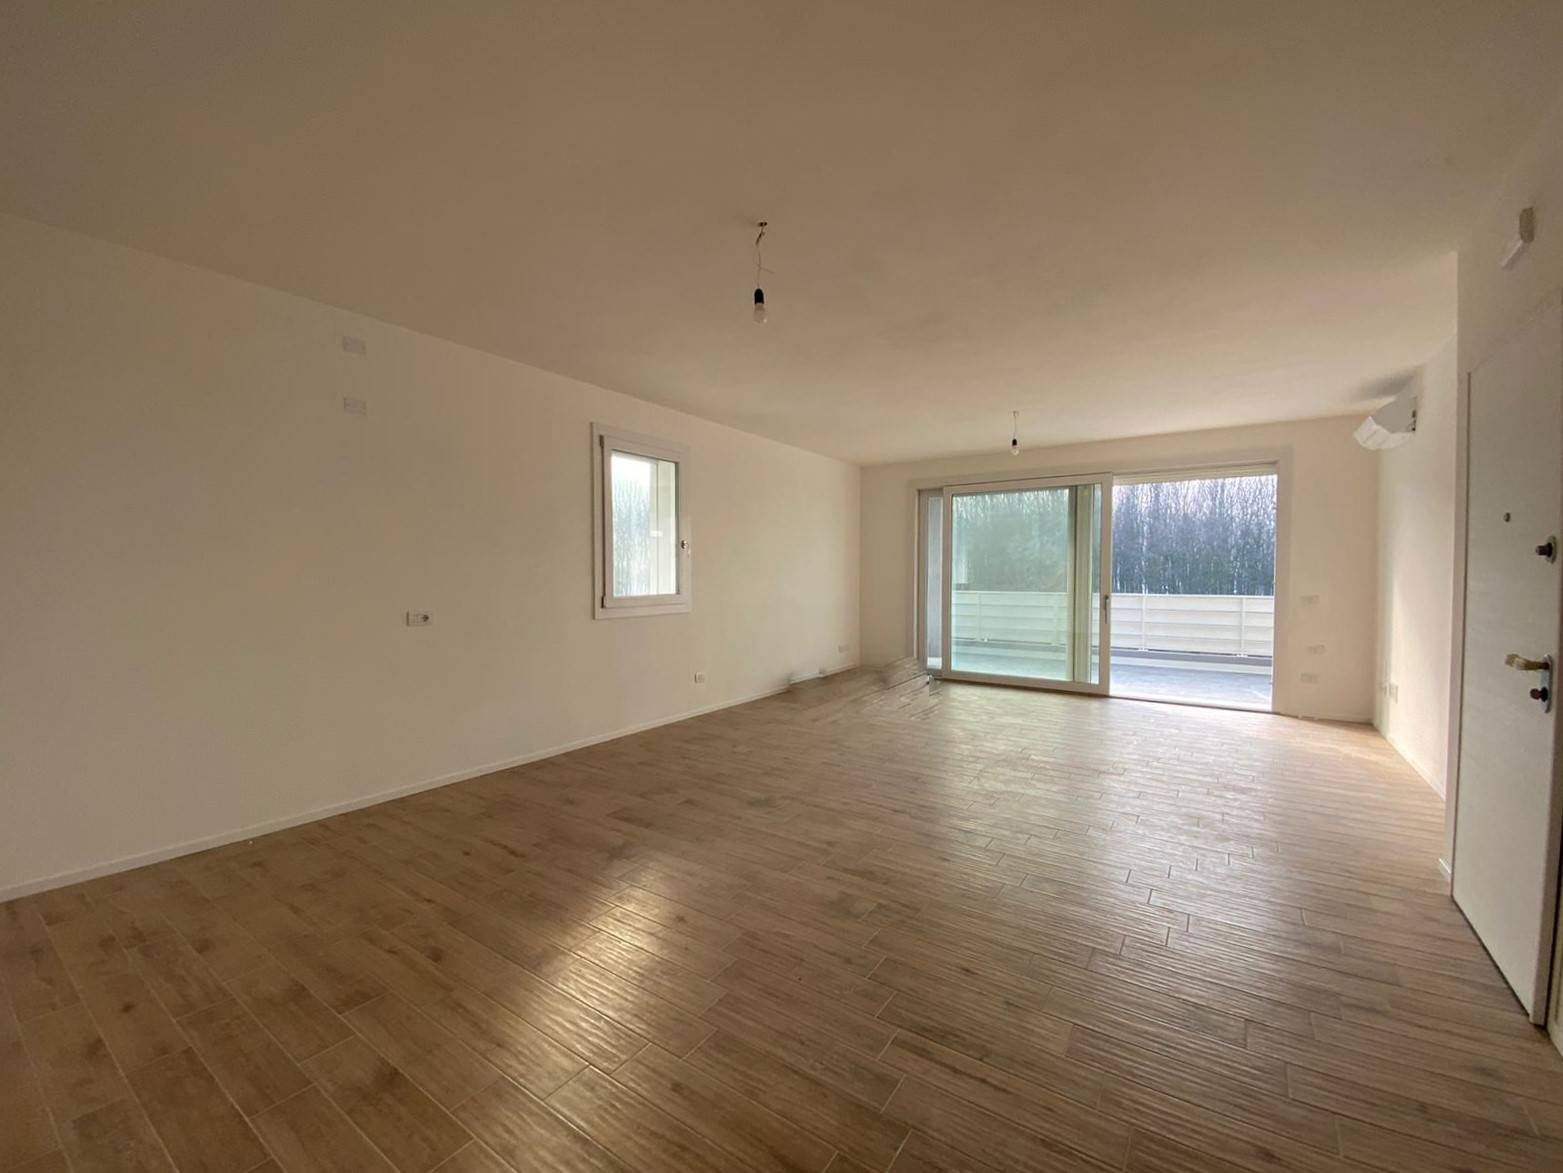 Appartamento in vendita a Venezia, 5 locali, zona Località: TRIVIGNANO, prezzo € 270.000   PortaleAgenzieImmobiliari.it